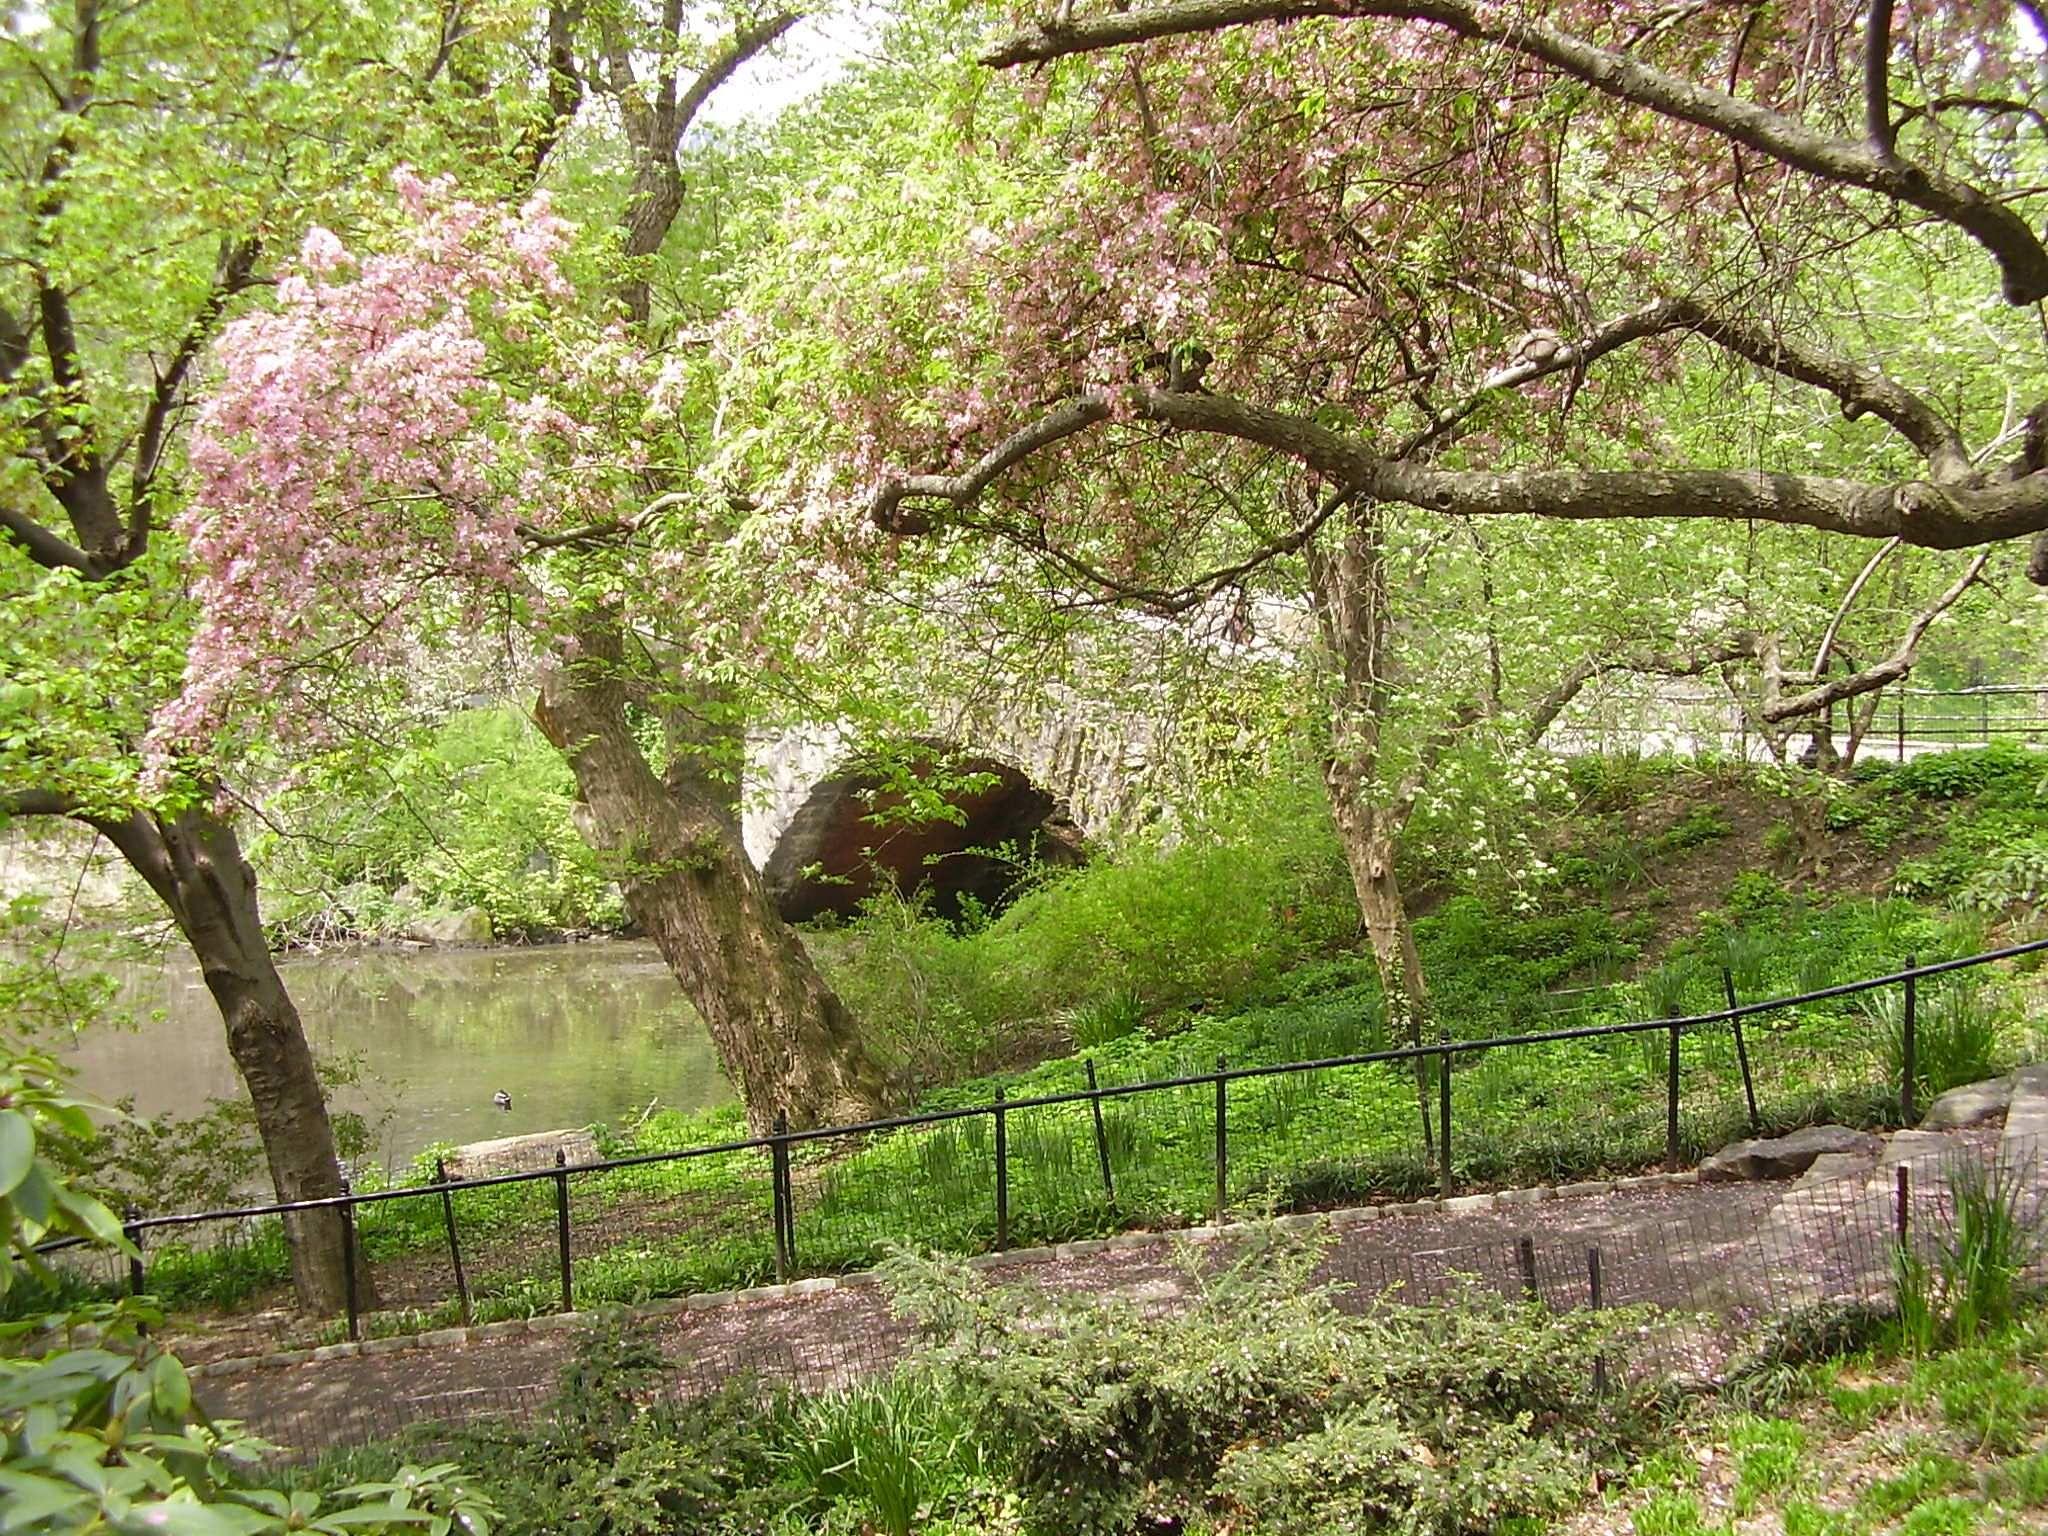 The Pond, Capstow Bridge | Central Park Photos by OWEINACHT